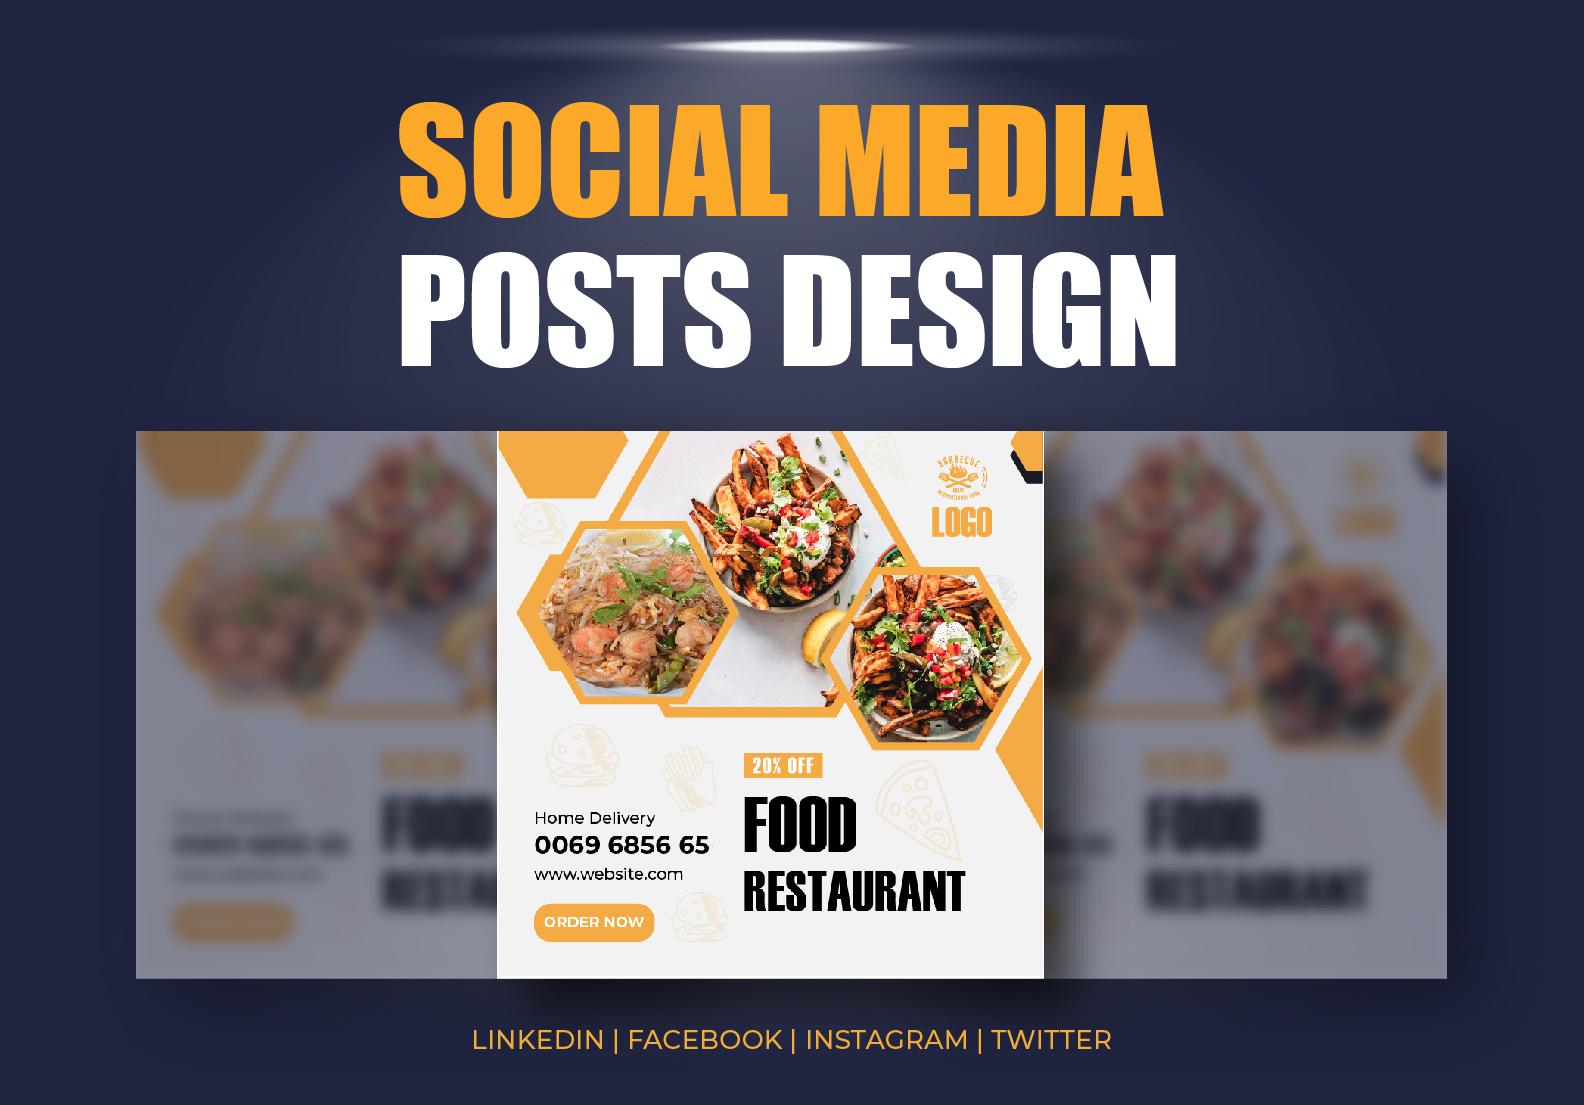 I will design creative professional social media posts